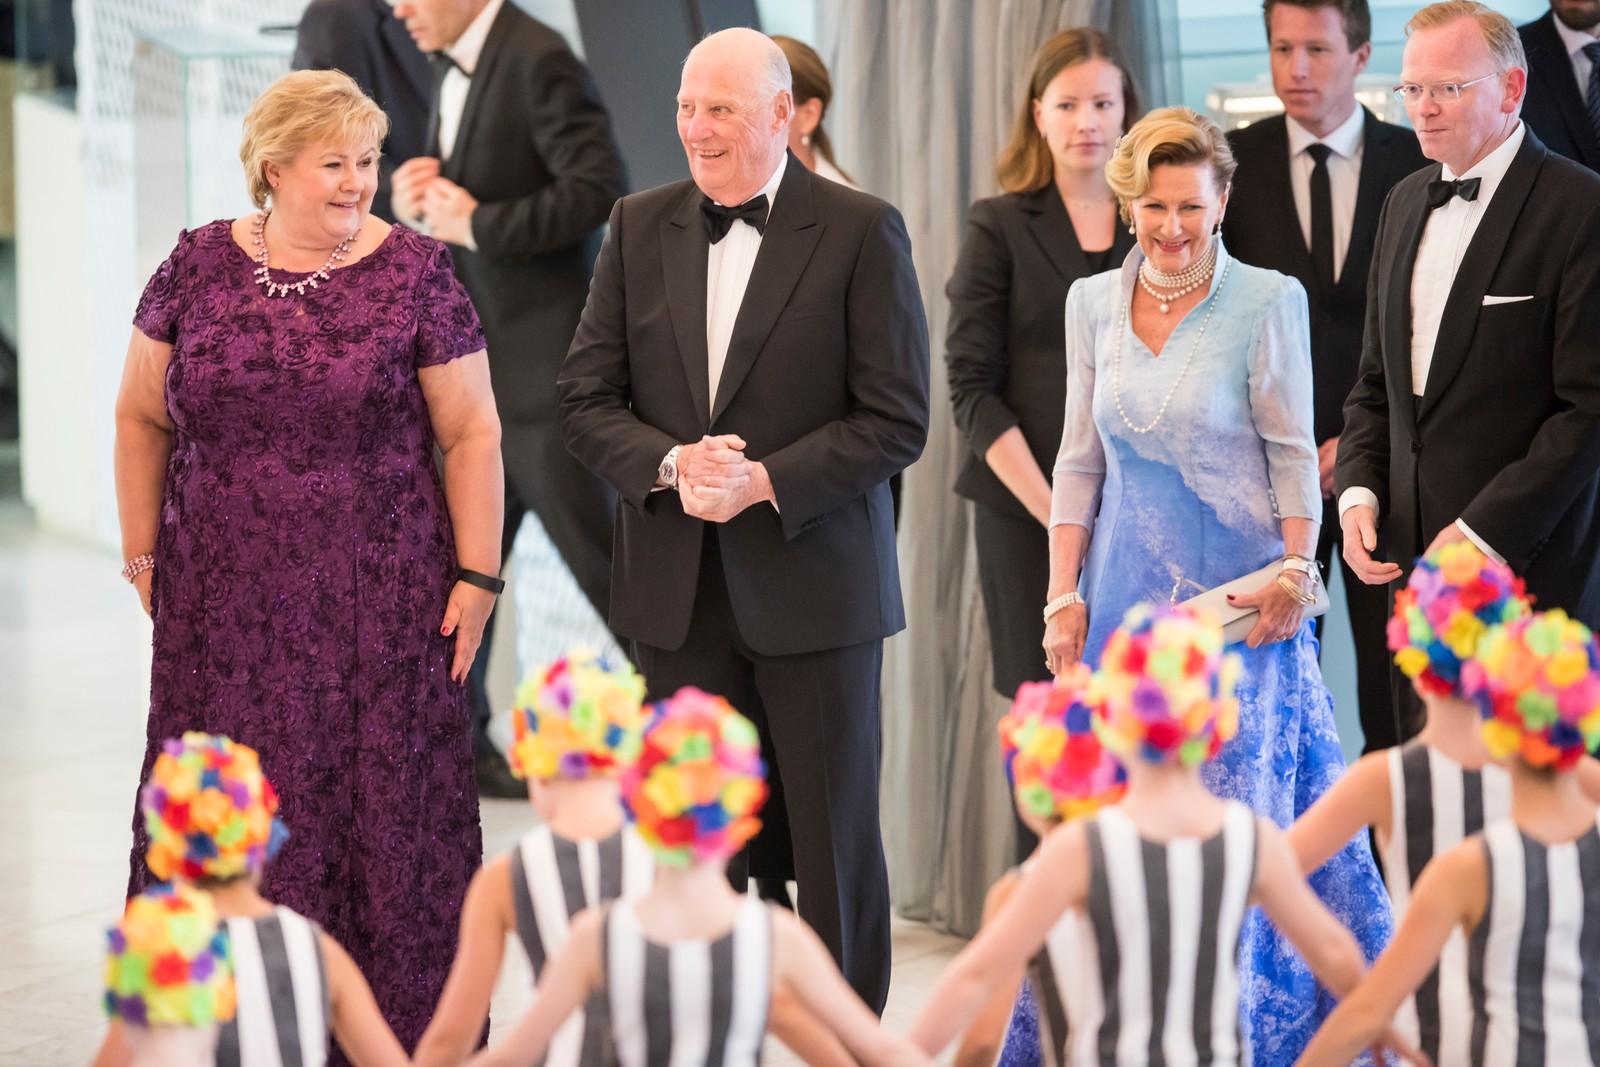 Statsminister Erna Solberg (tv), ektemann Sindre Finnes (th), dronning Sonja og kong Harald ankommer regjeringens festmiddag for kongeparet i Operaen i